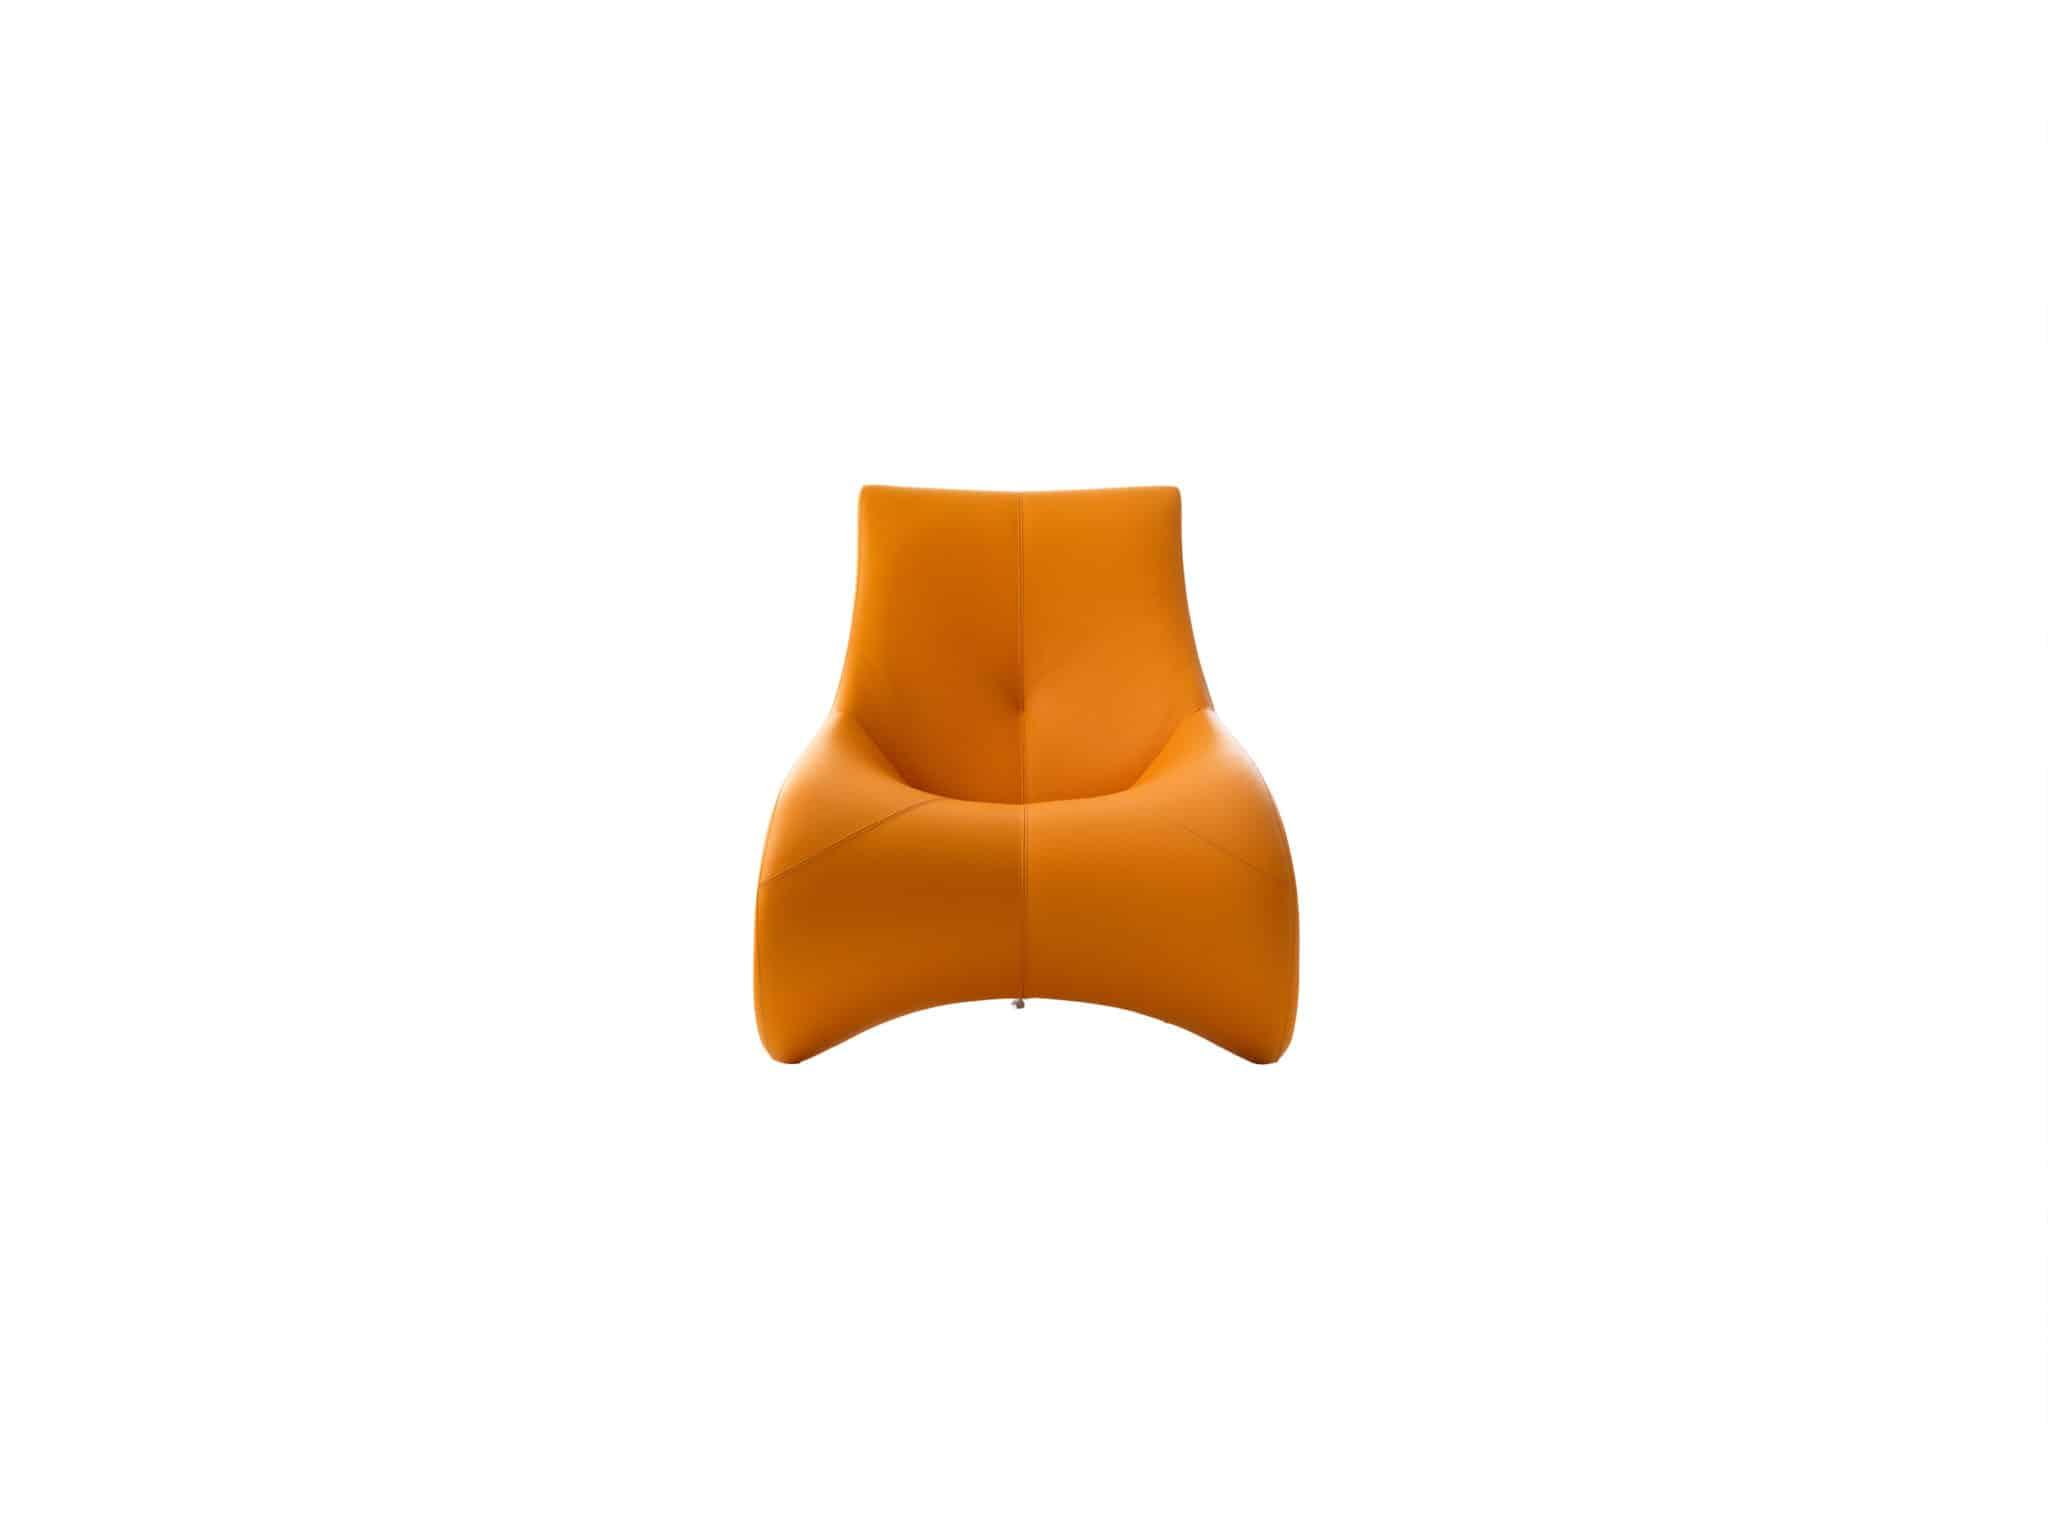 Leolux fauteuil Darius pa